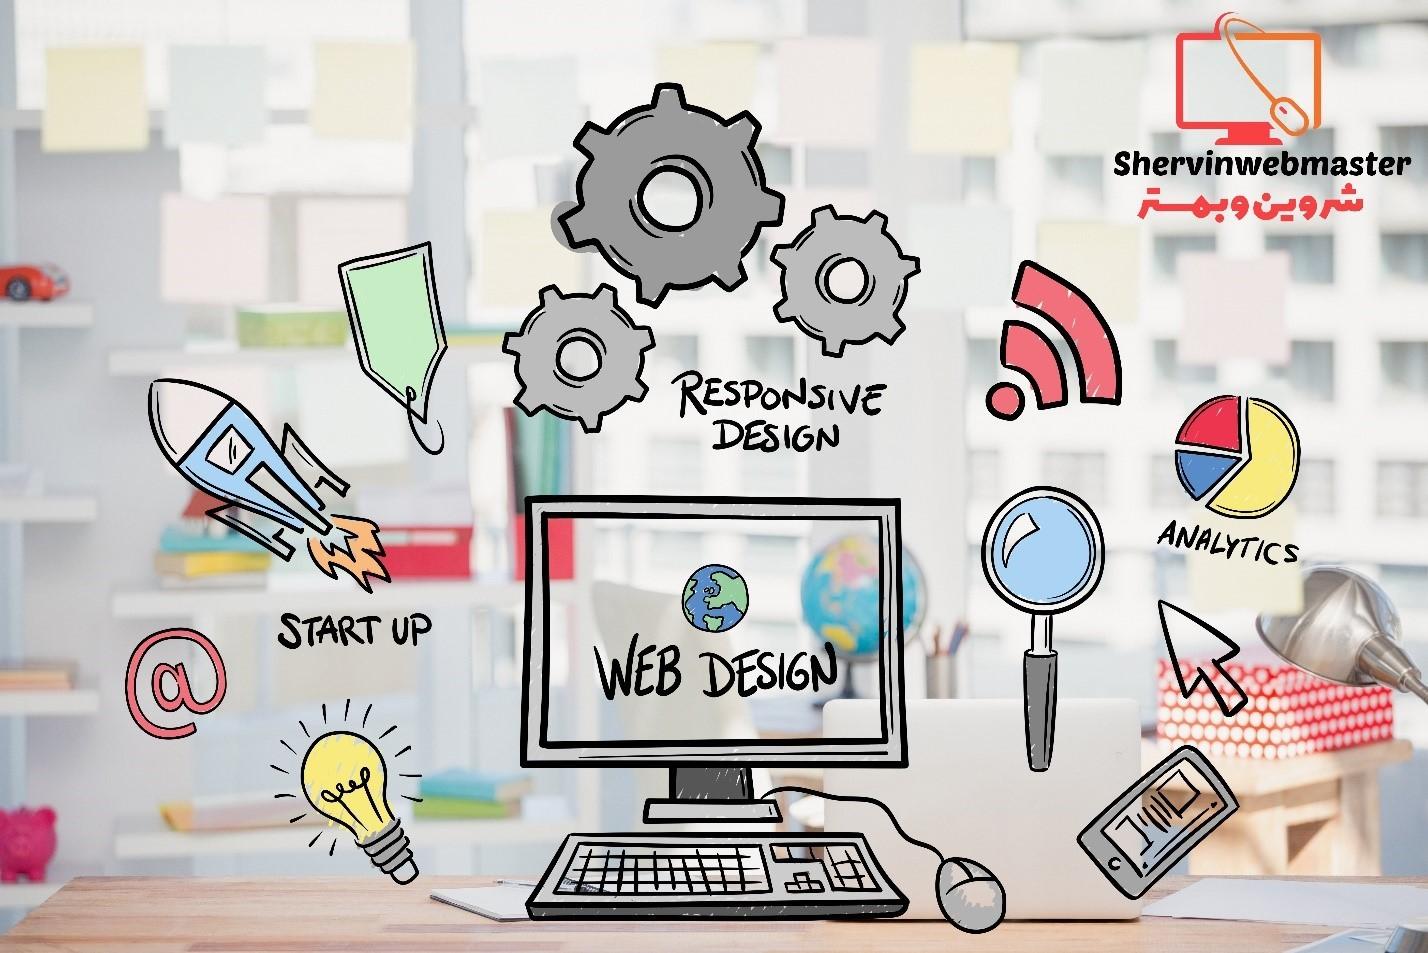 آژانس طراحی سایت،سئو،دیجیتال مارکتینگ شروین وبمستر